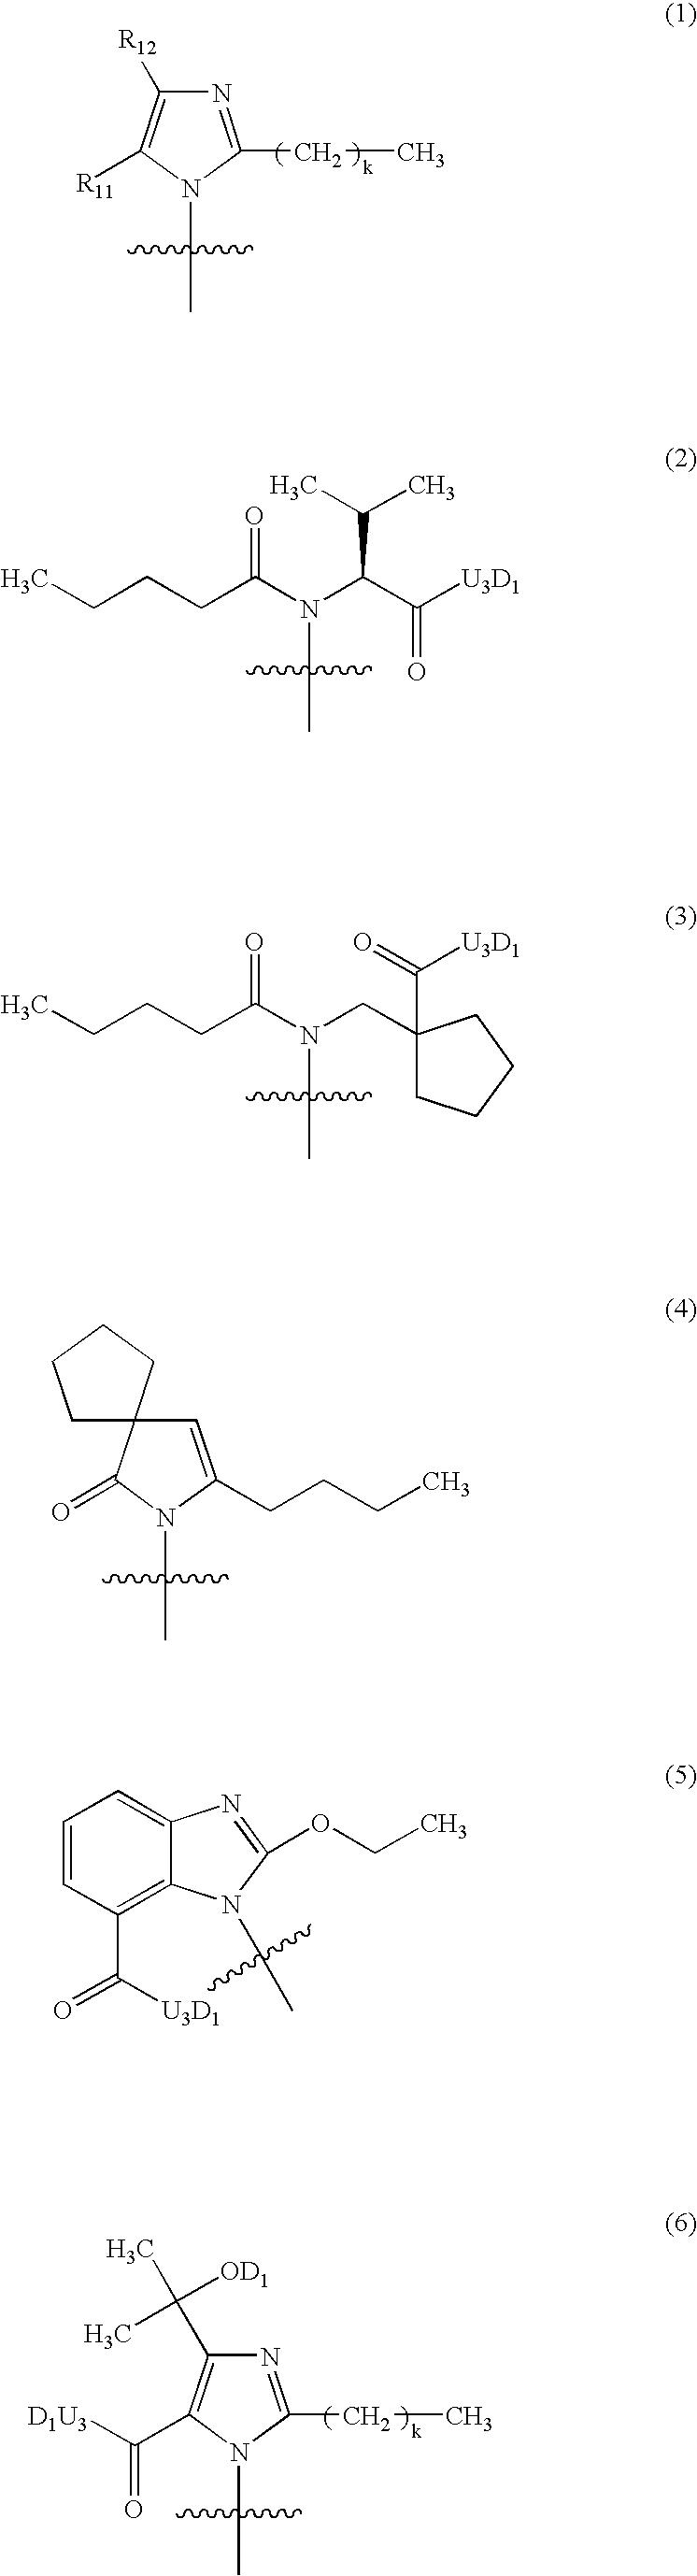 Figure US20070238740A1-20071011-C00004